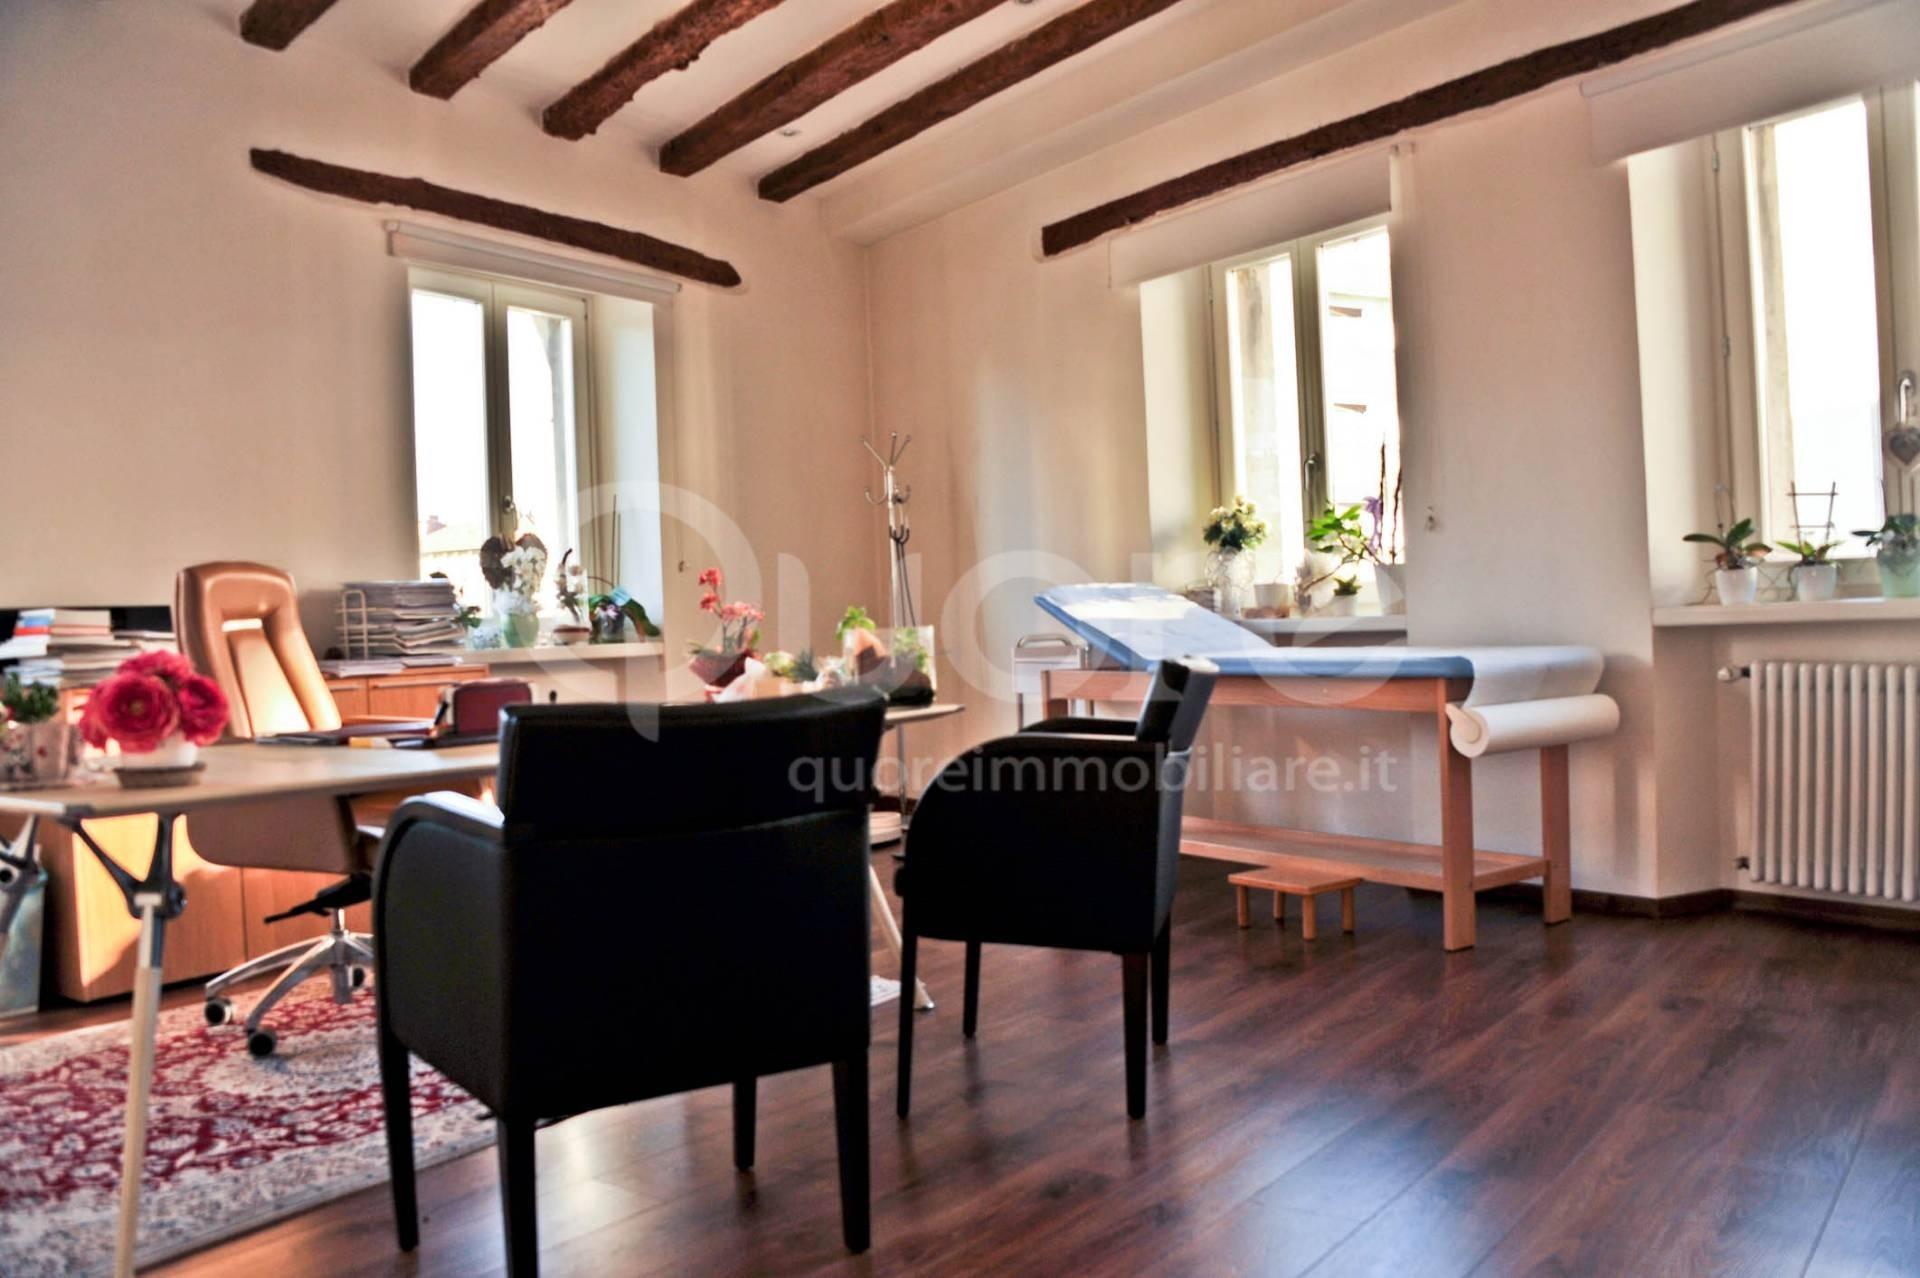 Ufficio / Studio in affitto a Udine, 9999 locali, prezzo € 1.000 | CambioCasa.it